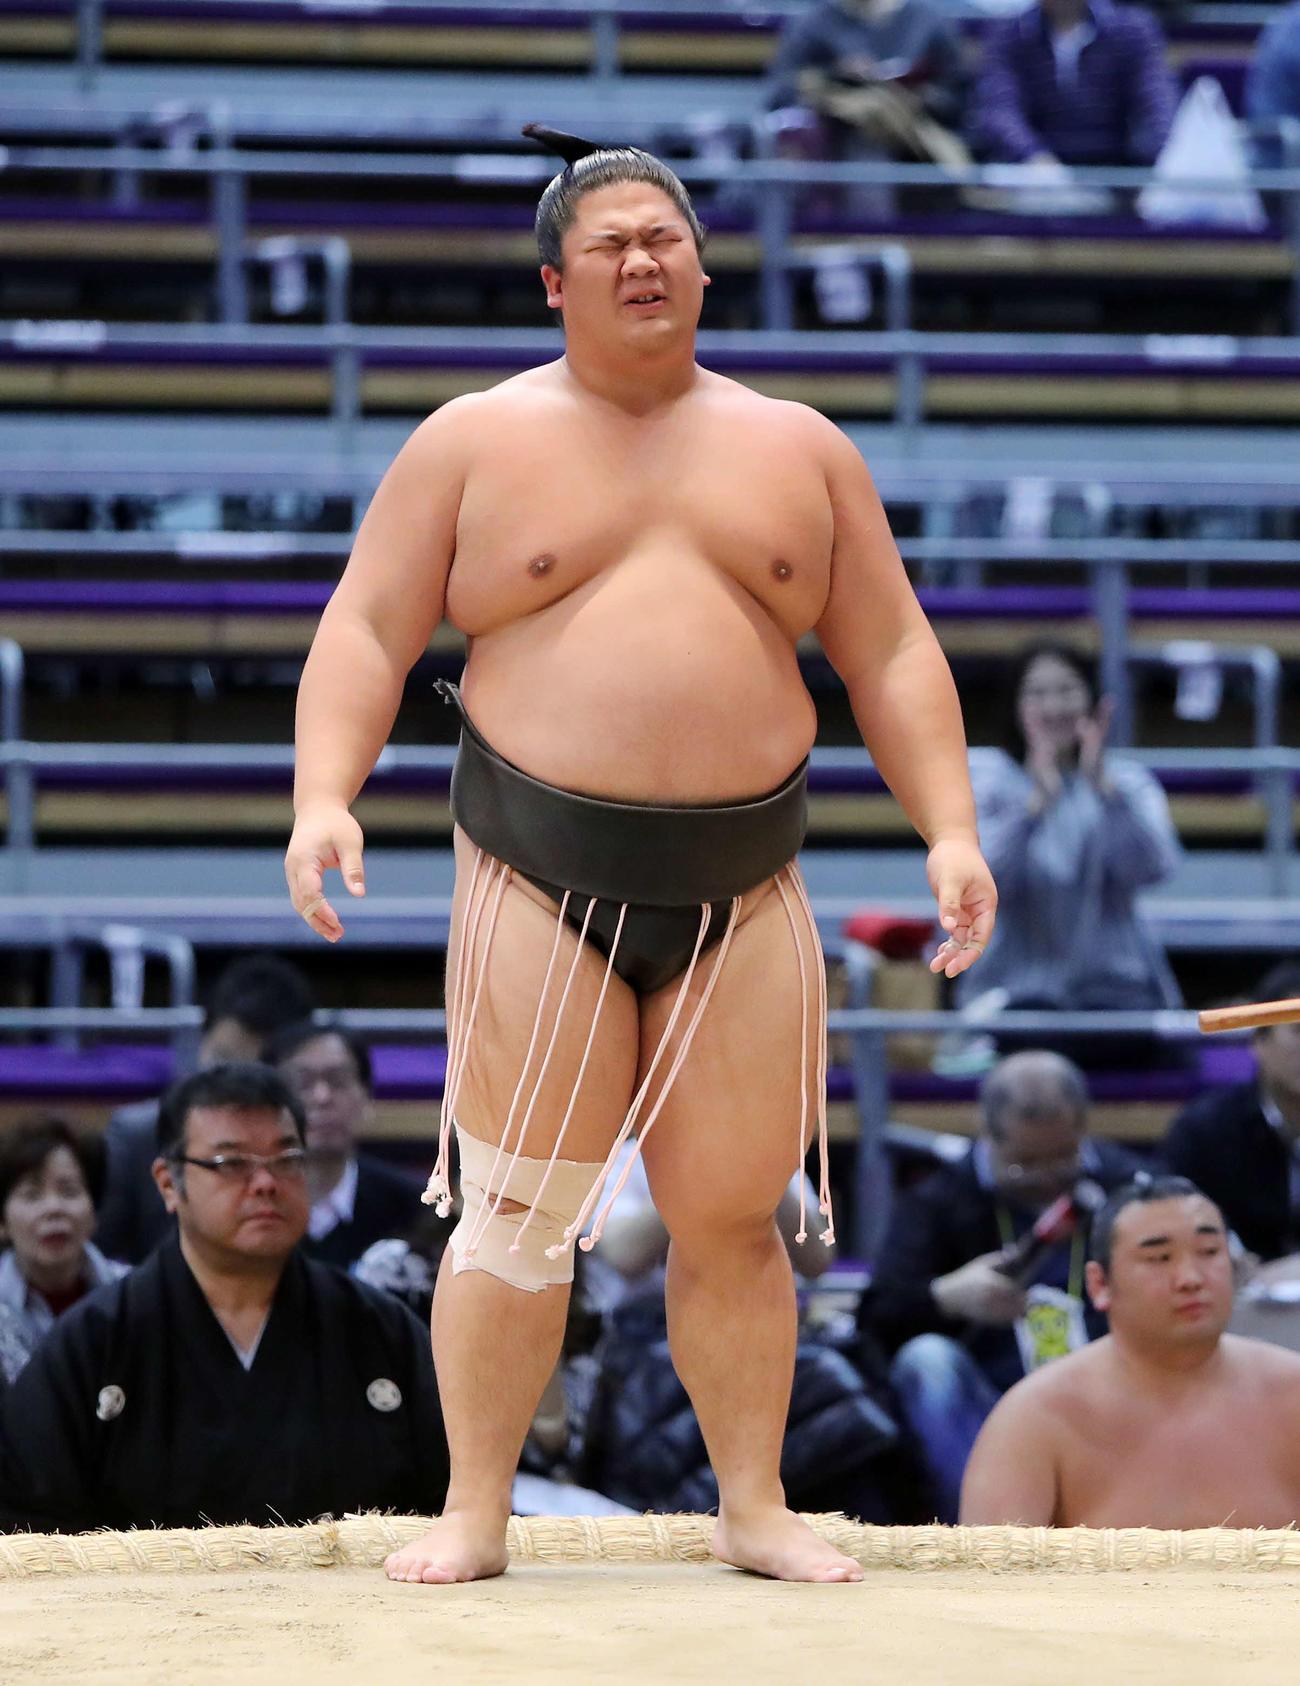 大相撲 宇良 関 大相撲速報 - 本日の取組(幕内)